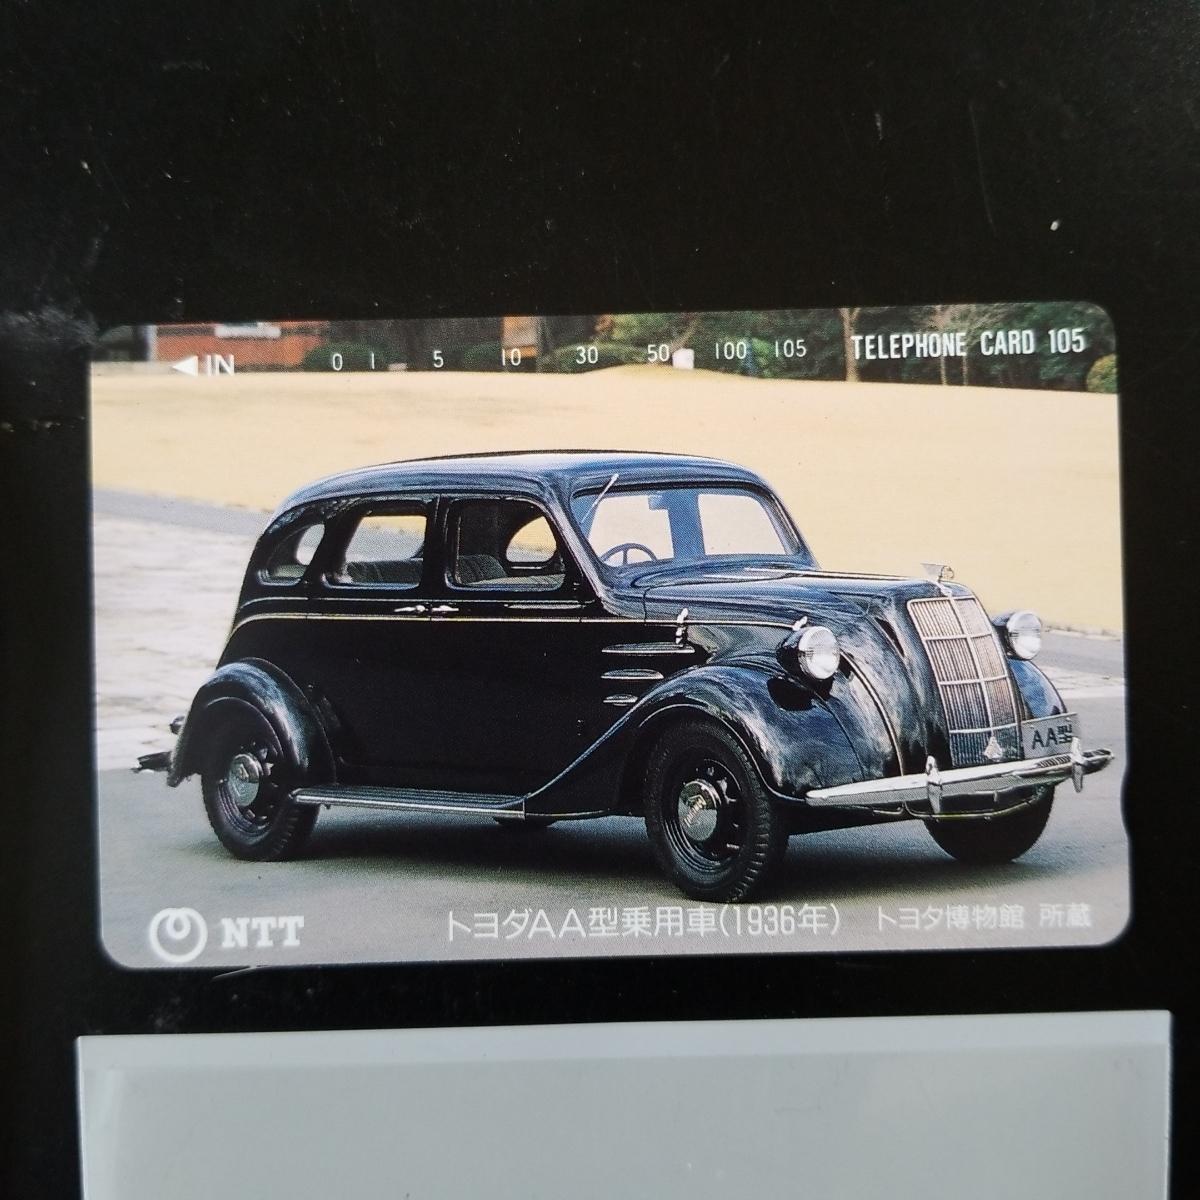 ・未使用 テレカ 105度 トヨタ博物館所蔵 トヨダAA型乗用車(1963年)トヨタ 乗用車 クラシックカー テレホンカード 自動車_画像1